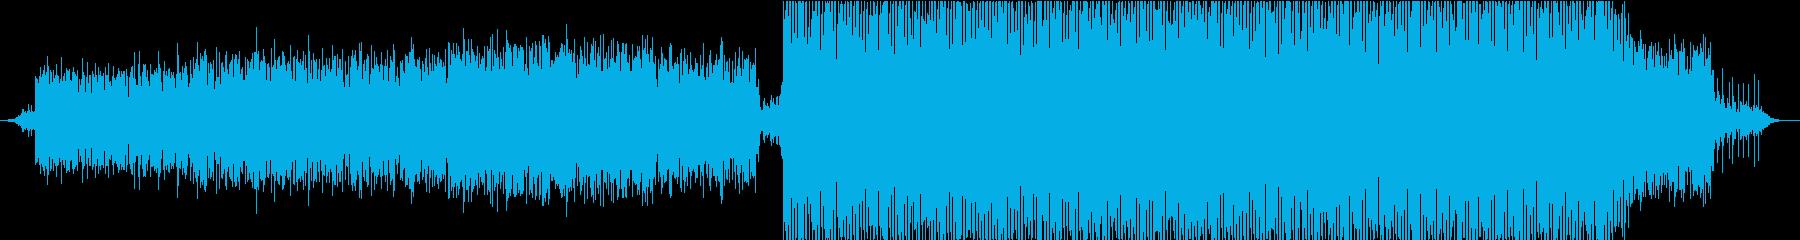 浮遊感のある序盤〜エレクトロに展開する曲の再生済みの波形